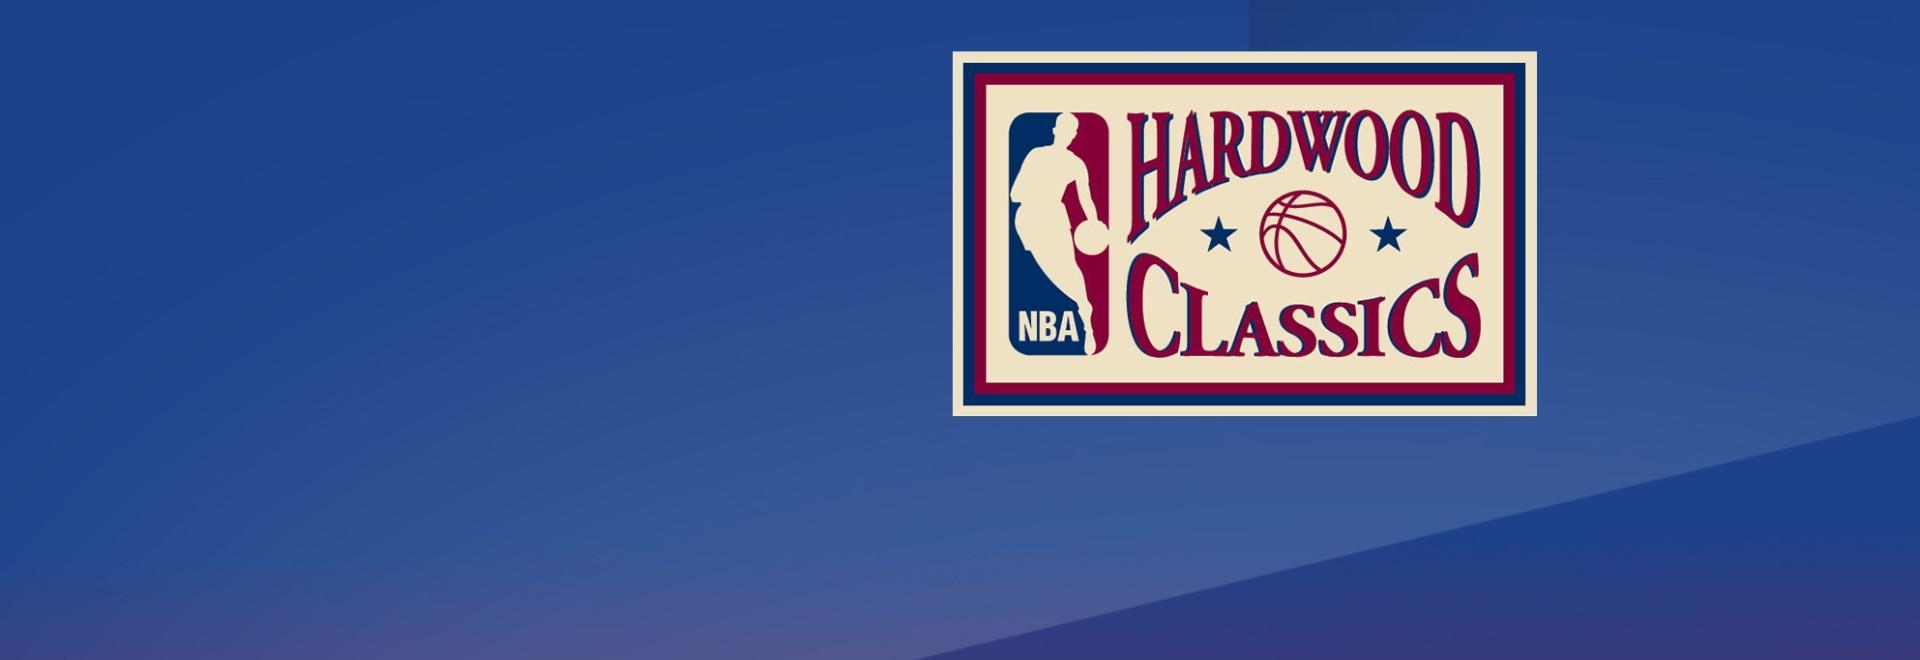 Lakers - Celtics 1984. Game 7 NBA Finals